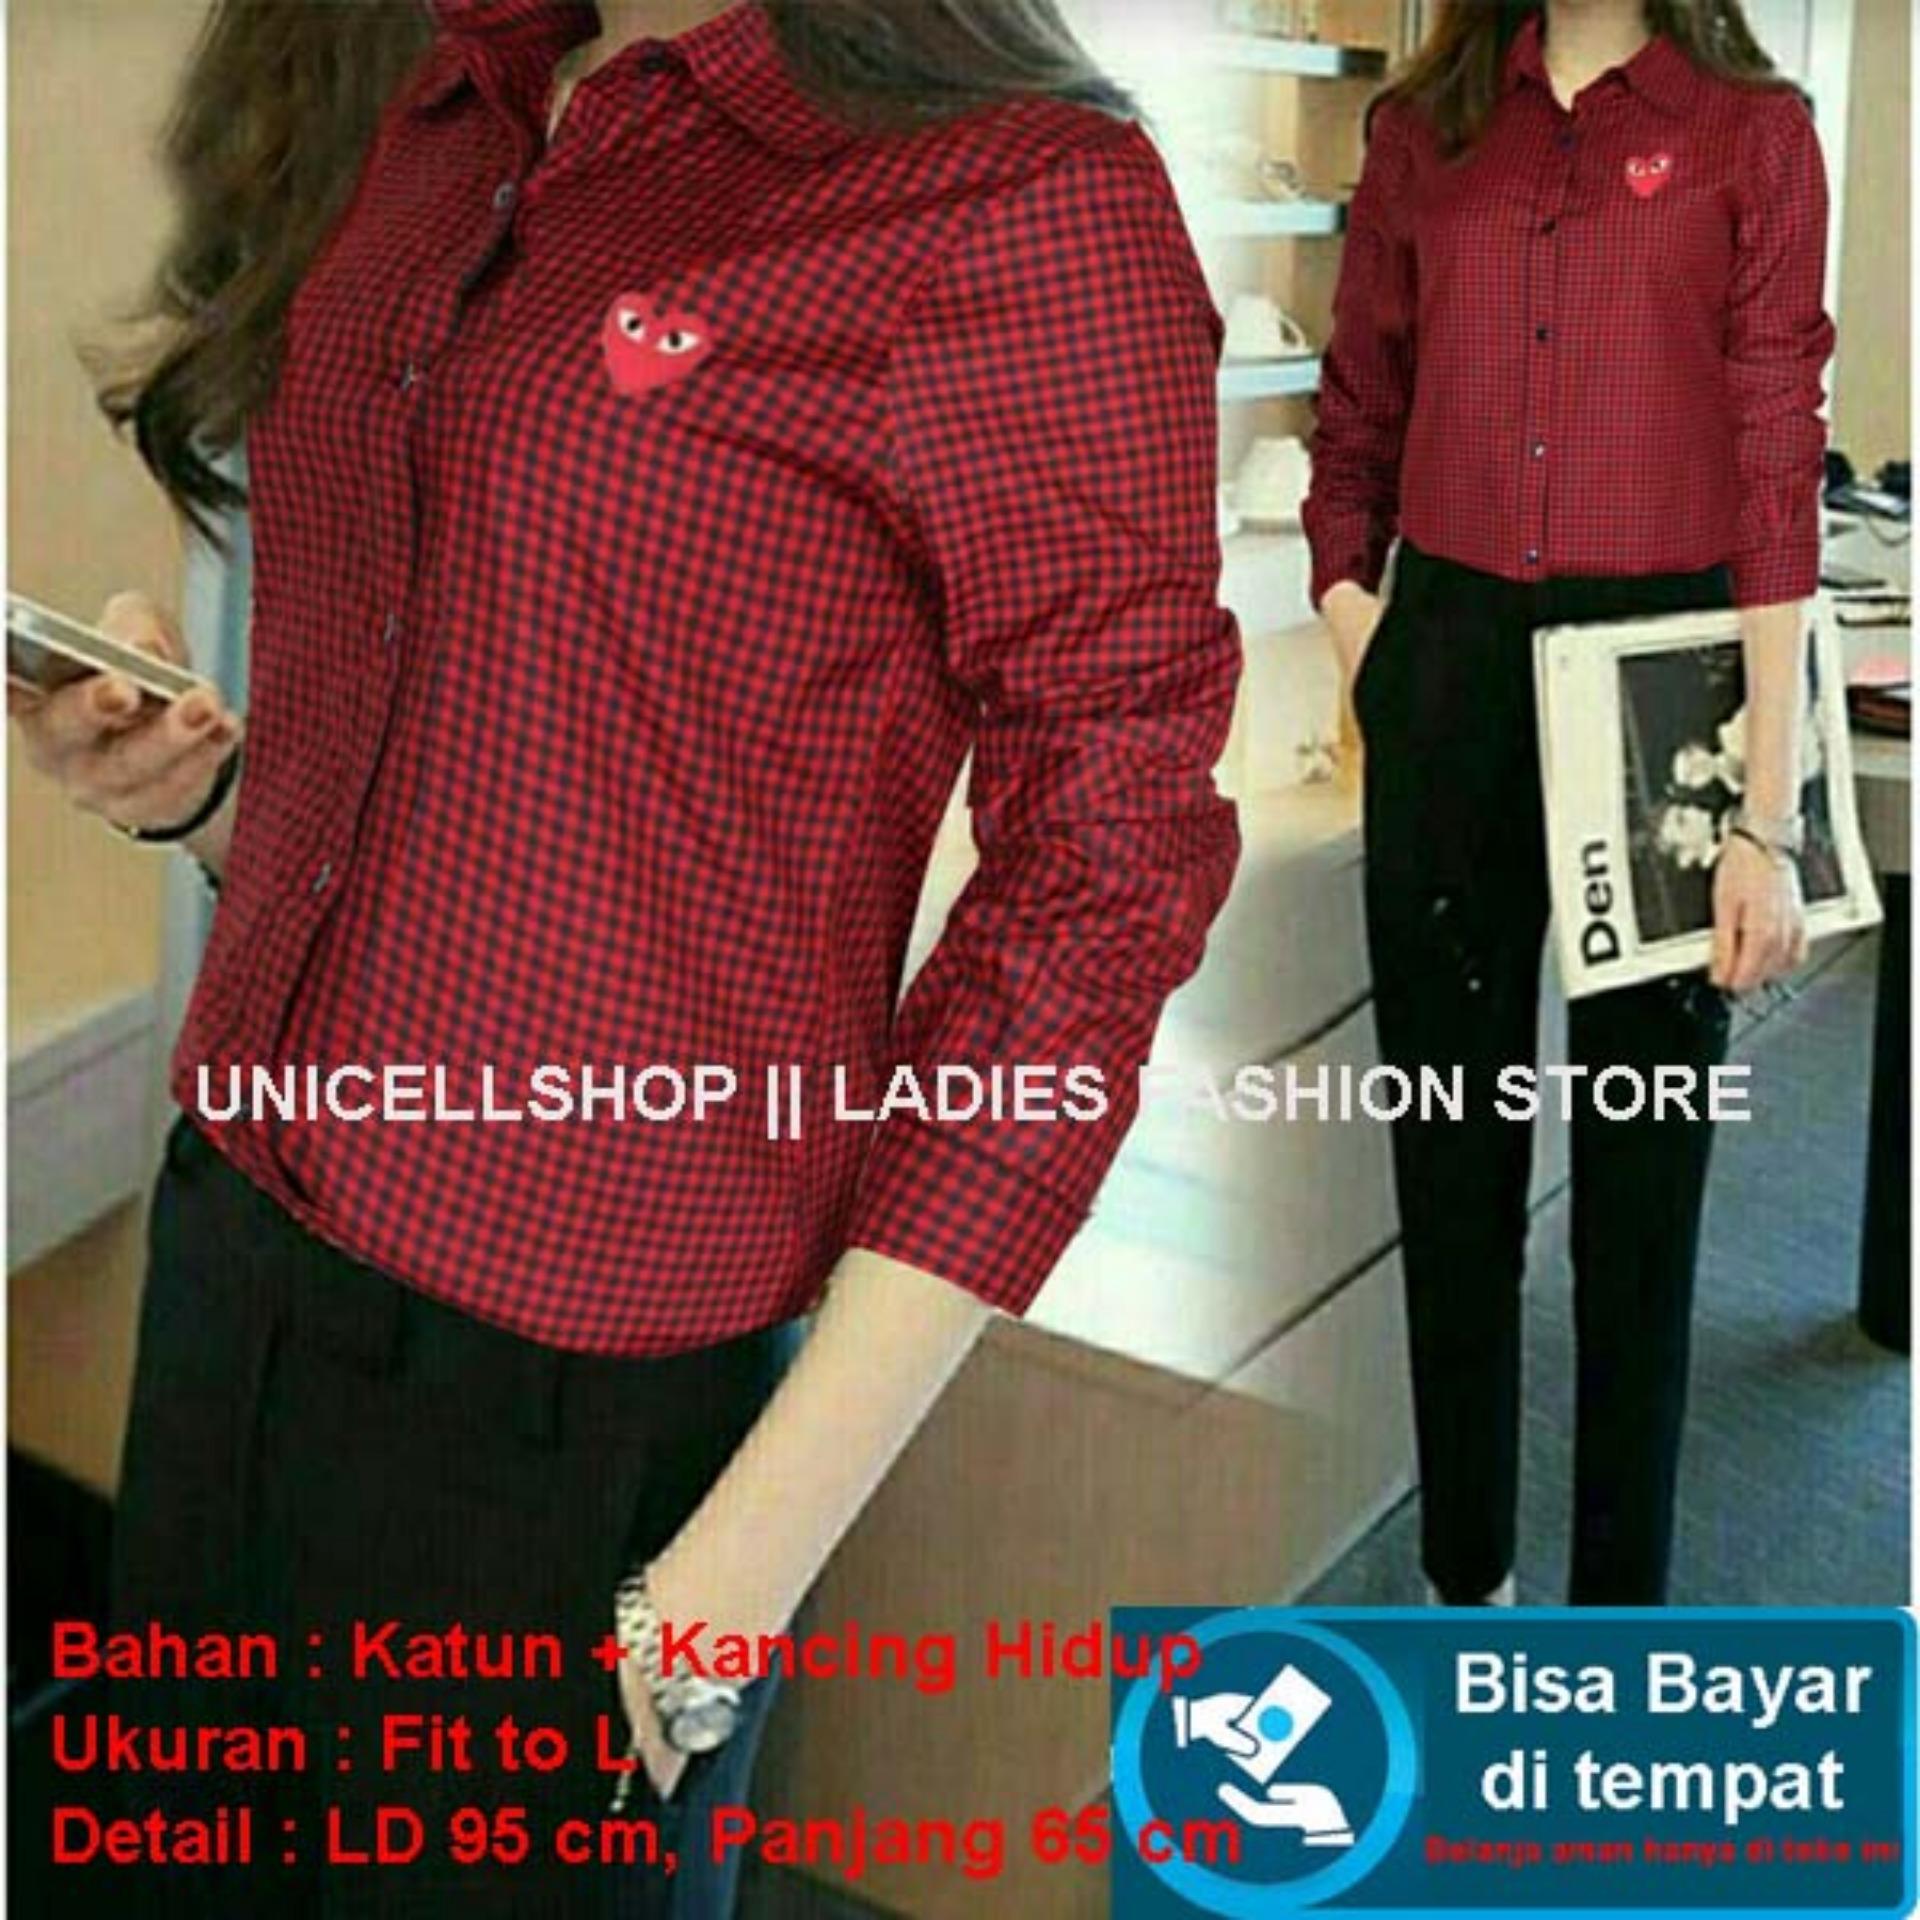 Baju Wanita Shop Kemeja Kotak Asli Love Bordir / Kemeja Long Hem Wanita Slim Fit / Fit to L NV (wne rconga) - MERAH